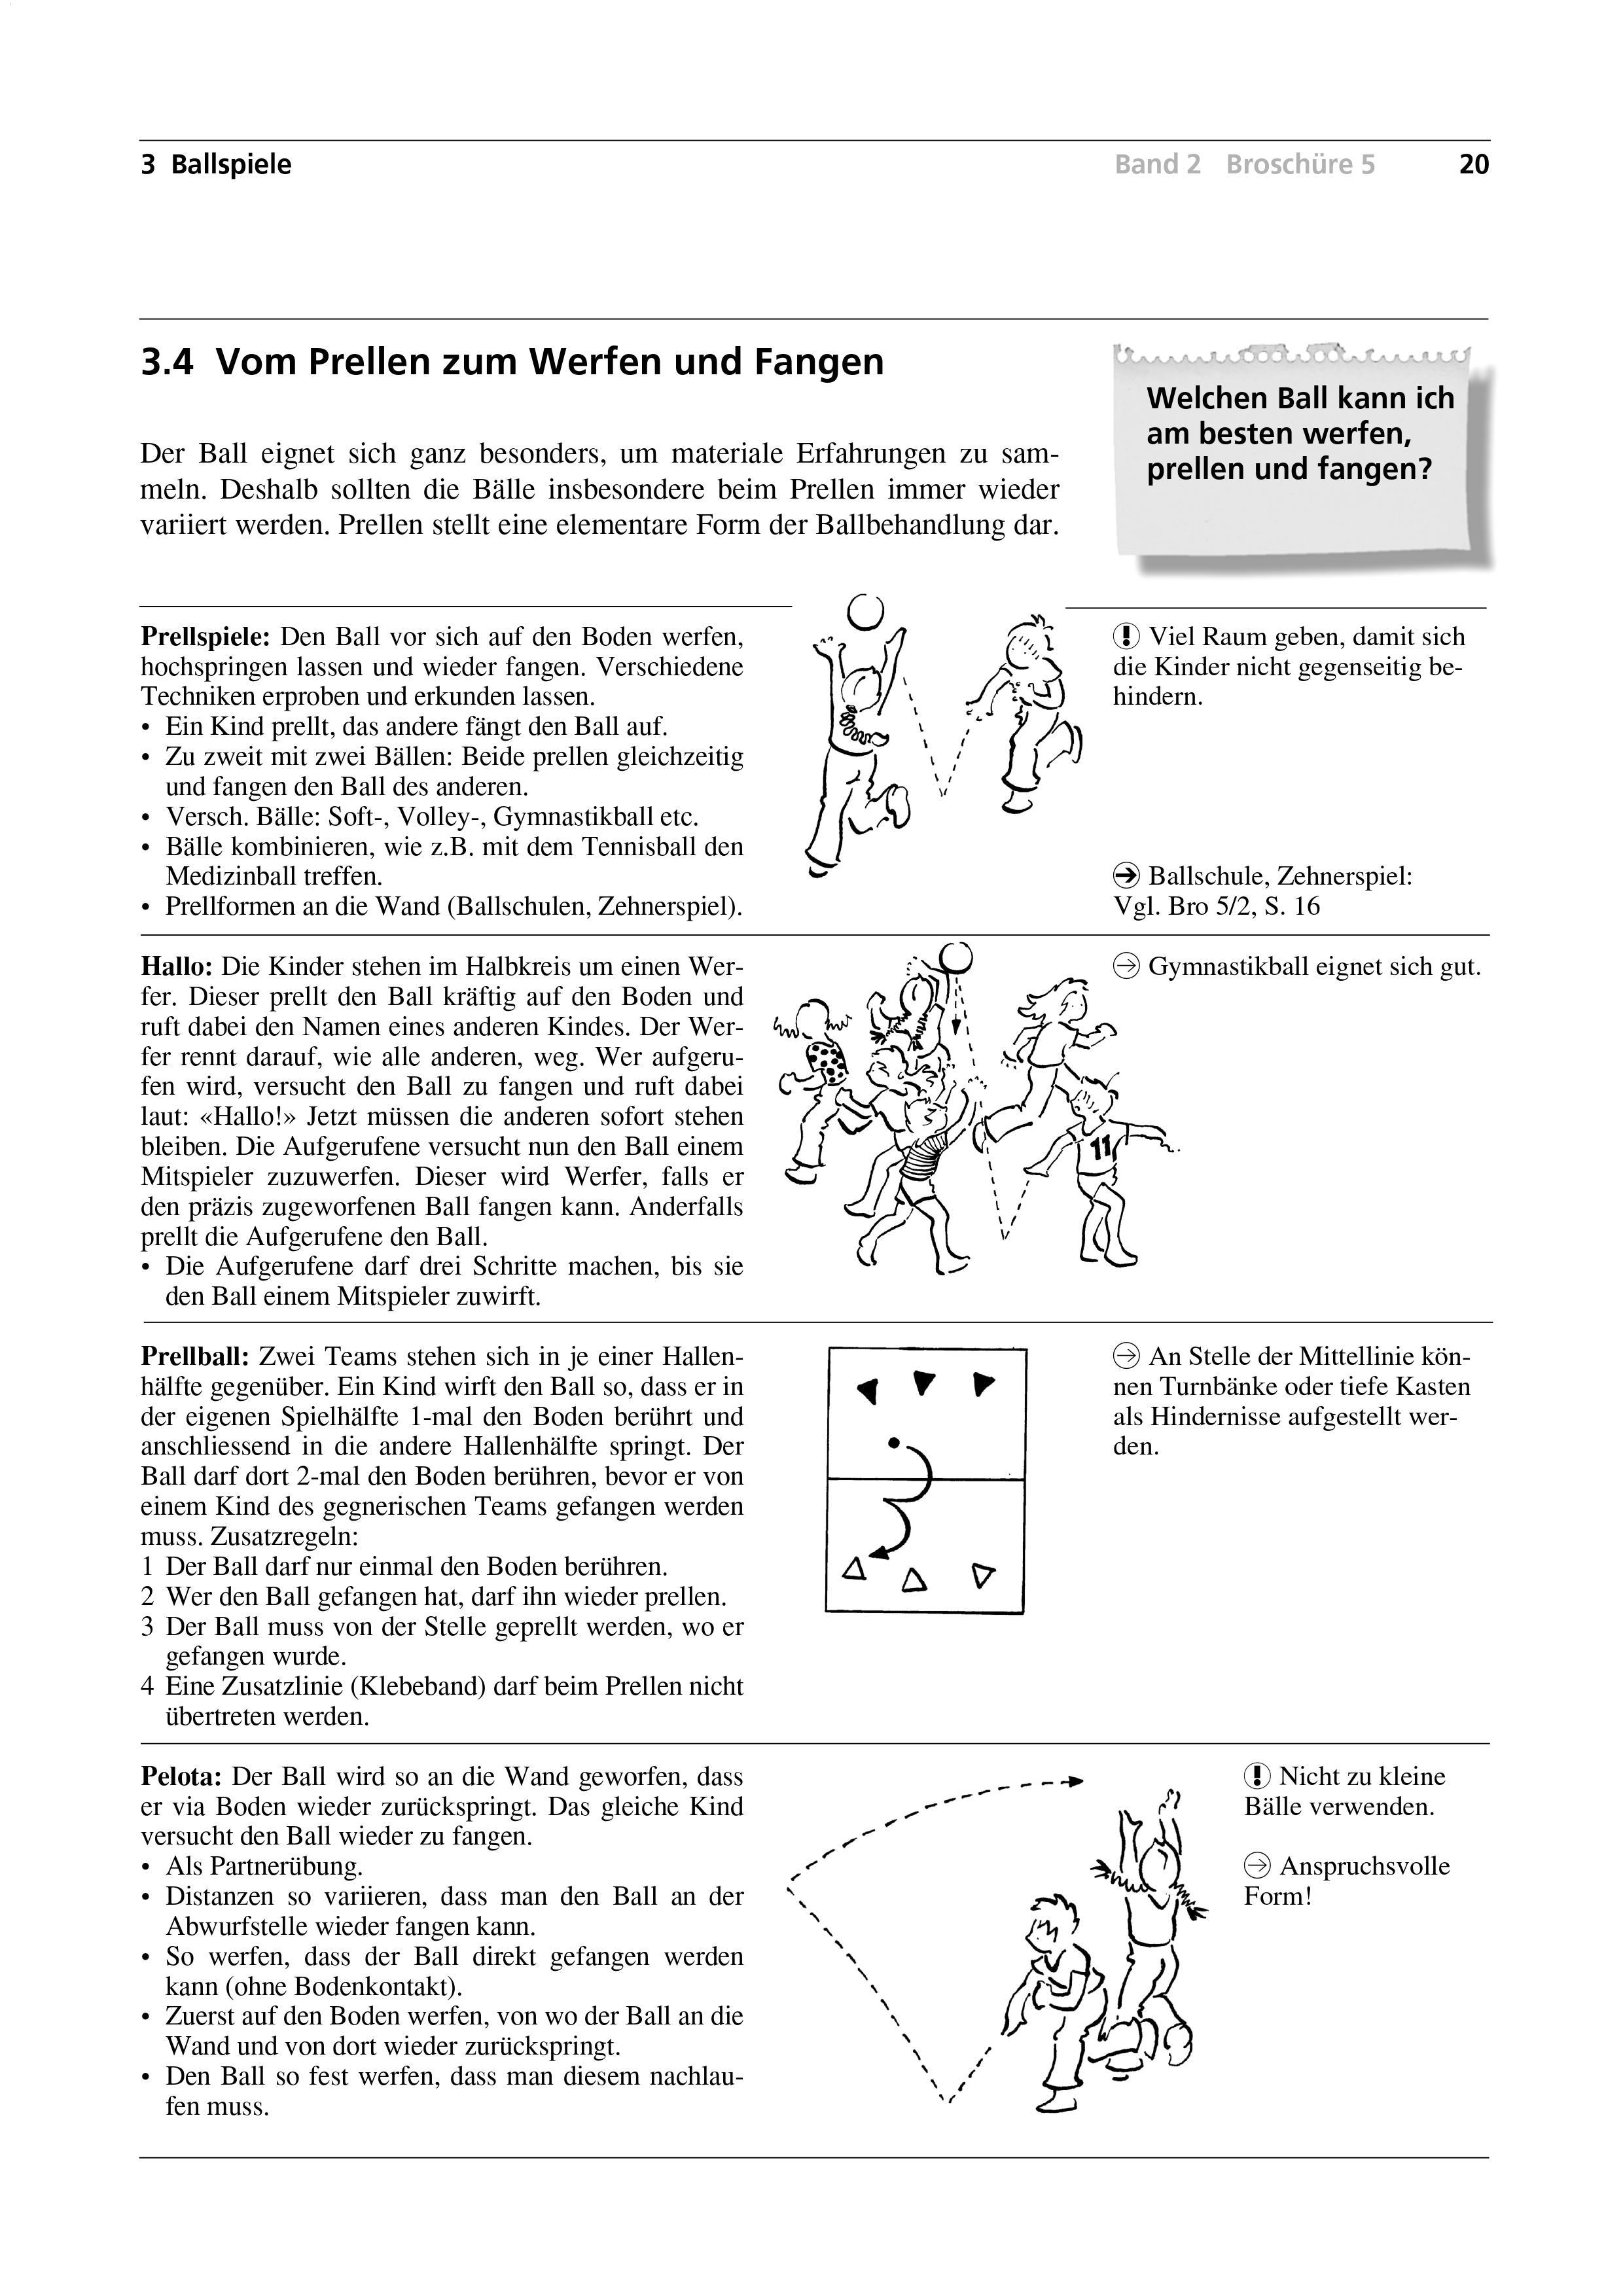 Preview image for LOM object Vom Prellen zum Werfen und Fangen